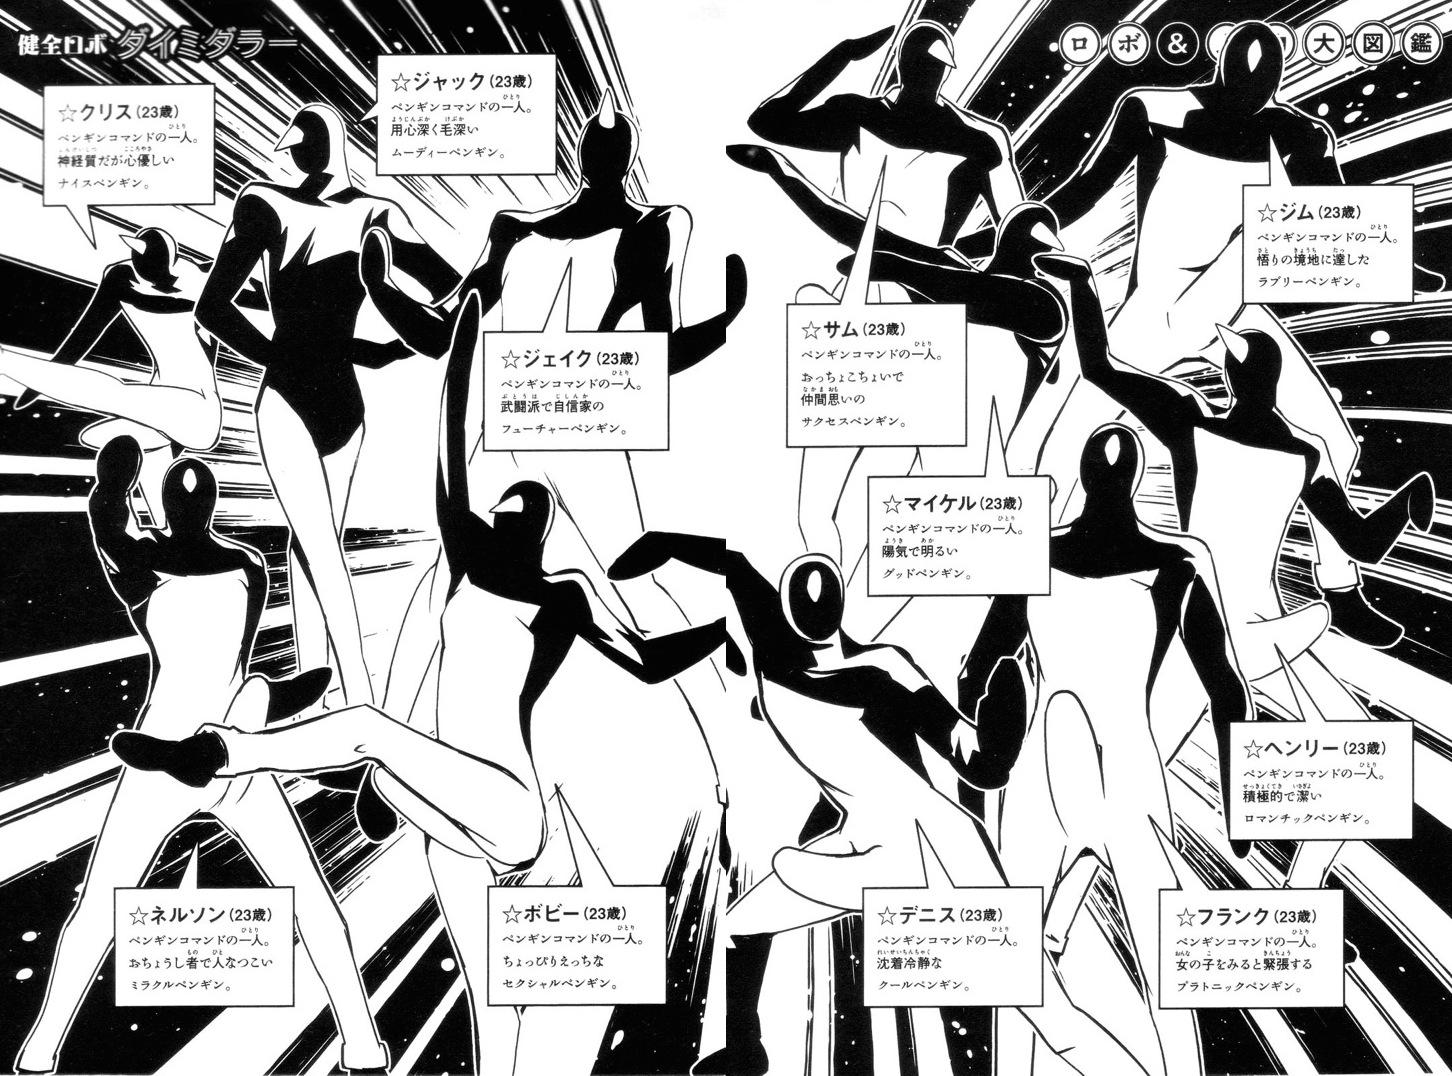 图毒生灵 和邪社 ACG (17)